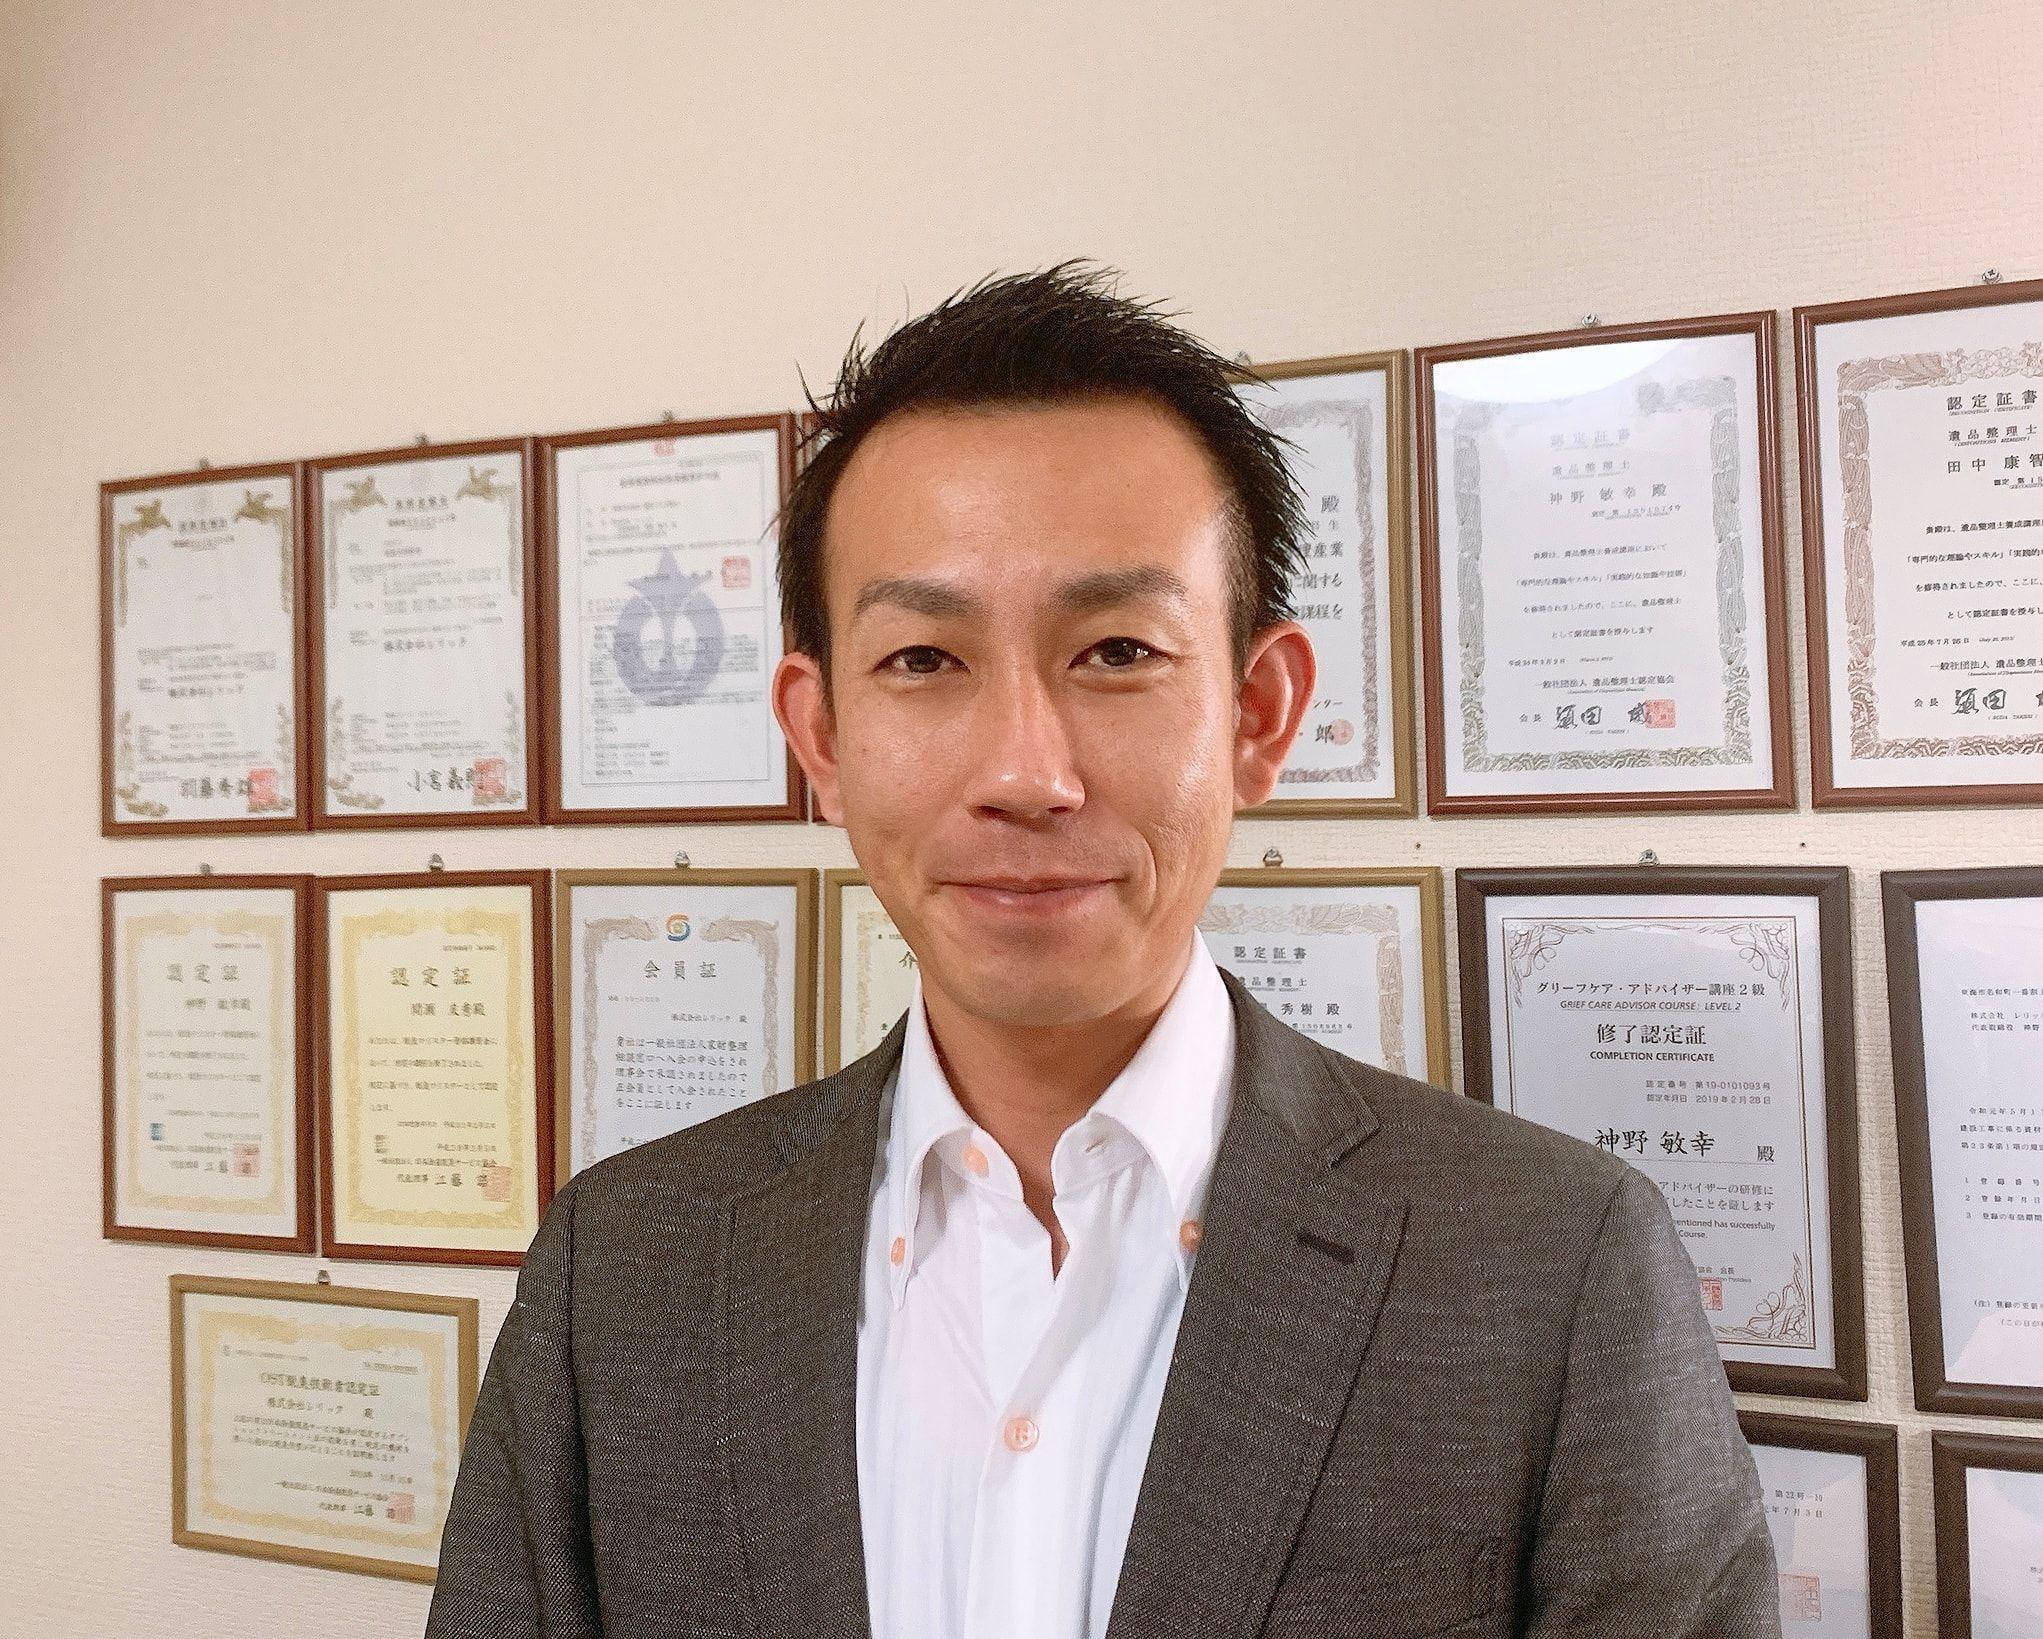 株式会社レリック 代表取締役 神野 敏幸氏